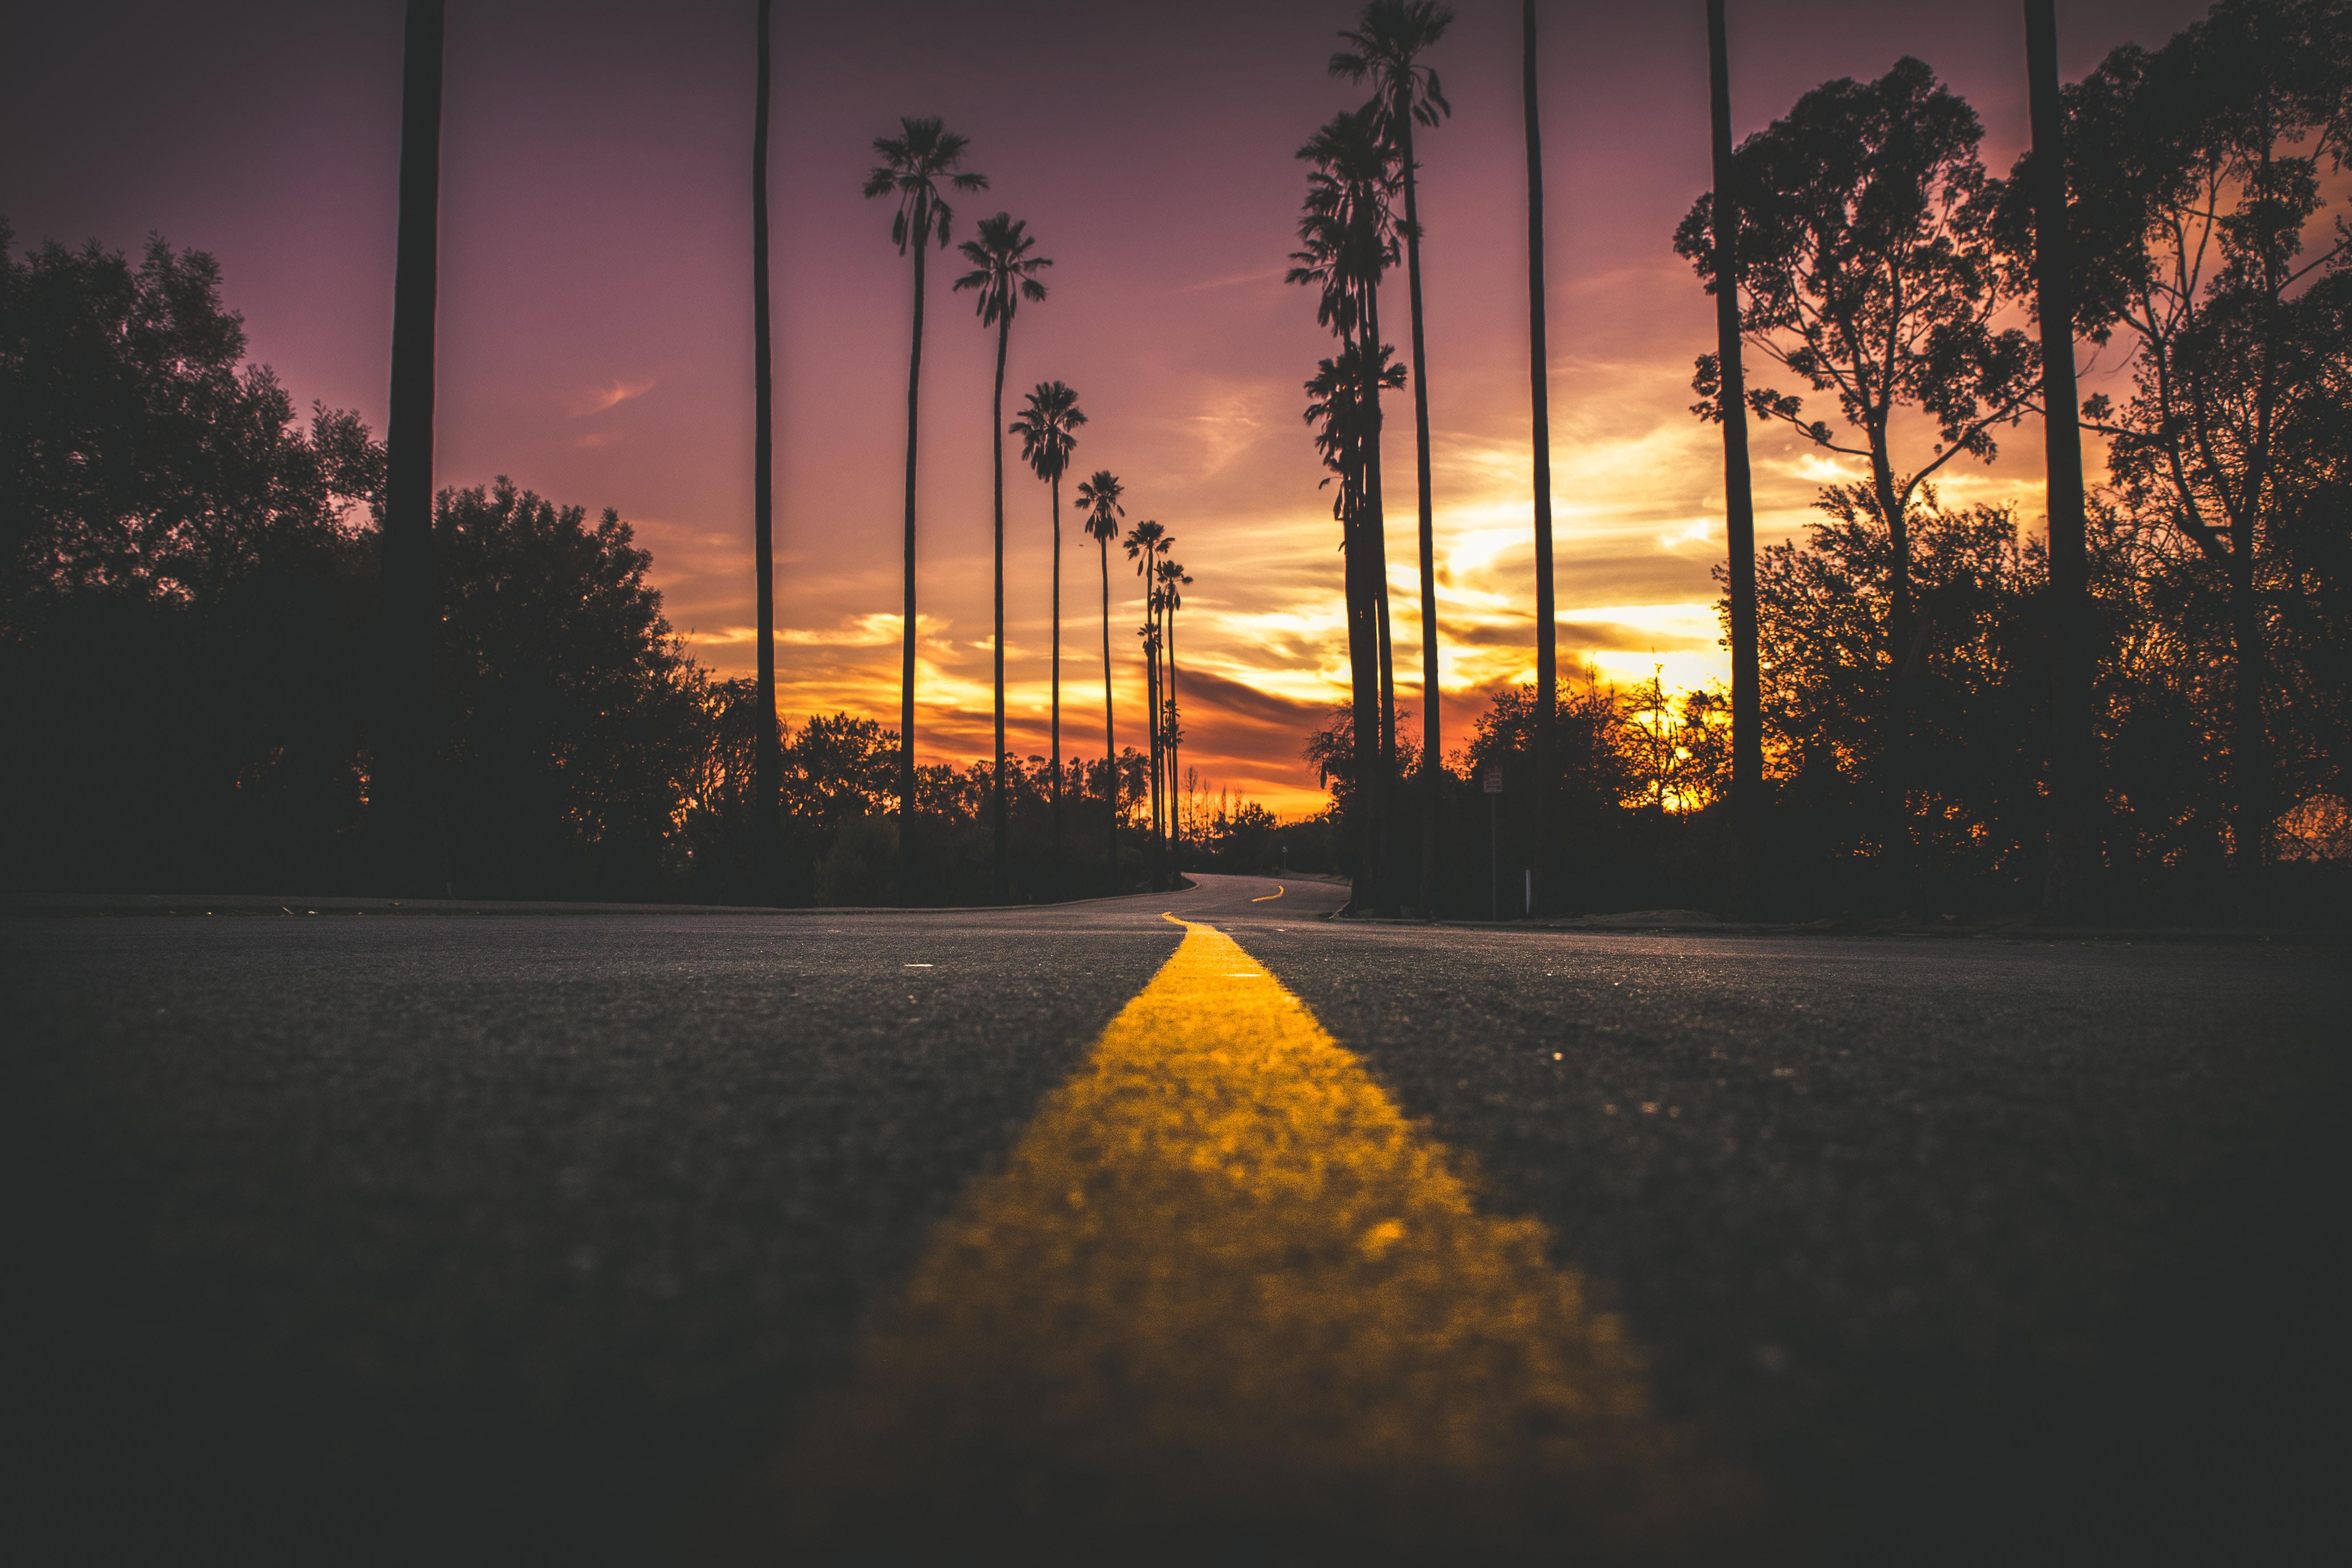 85867 Hintergrundbild 720x1280 kostenlos auf deinem Handy, lade Bilder Natur, Bäume, Sky, Palms, Straße, Markup 720x1280 auf dein Handy herunter